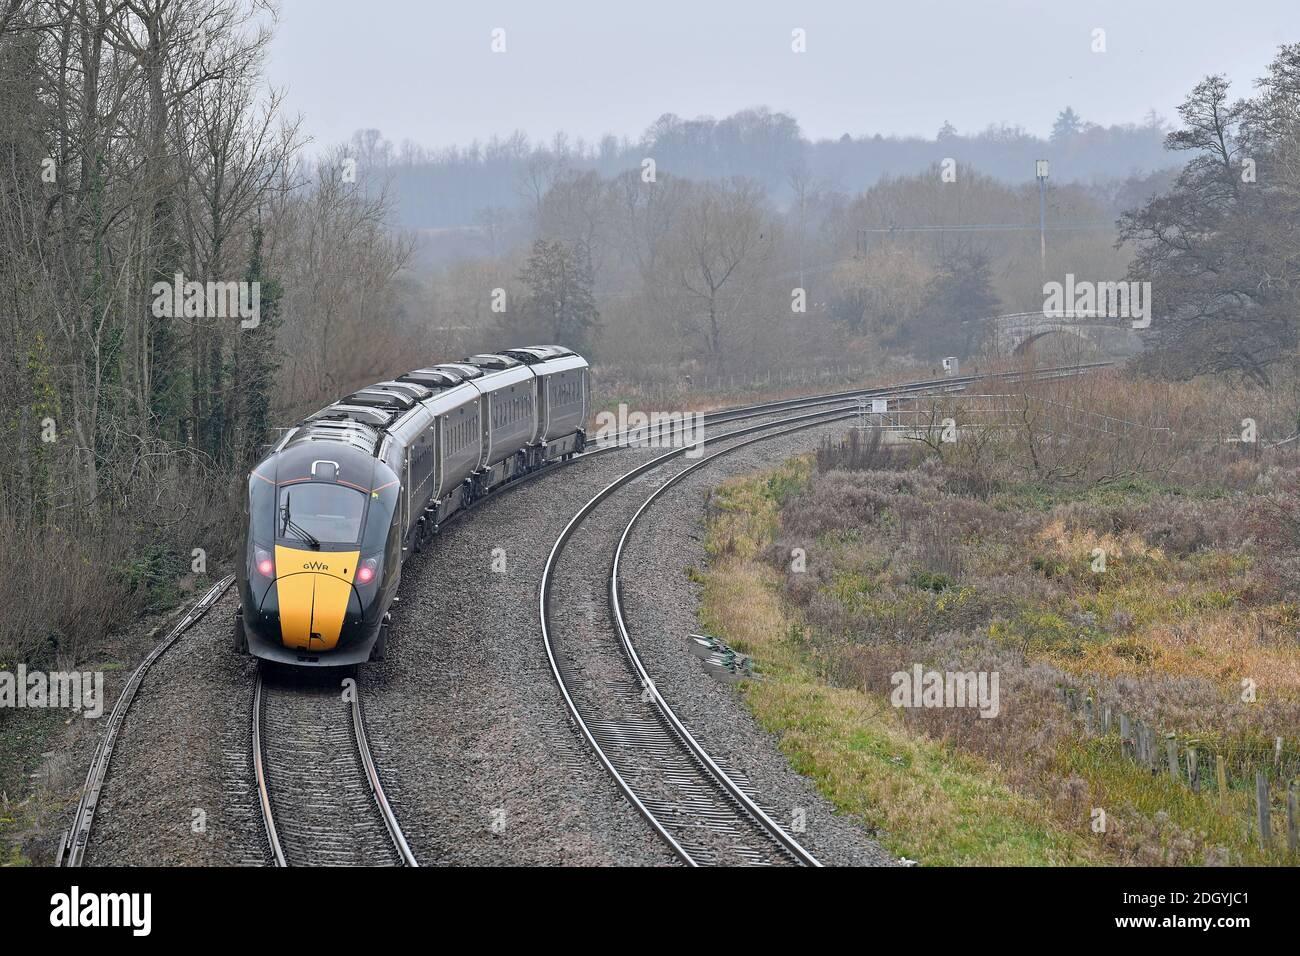 GV del villaggio di Kintbury, vicino a Hungerford, Berkshire - linea ferroviaria, mercoledì 2 dicembre 2020. Foto Stock